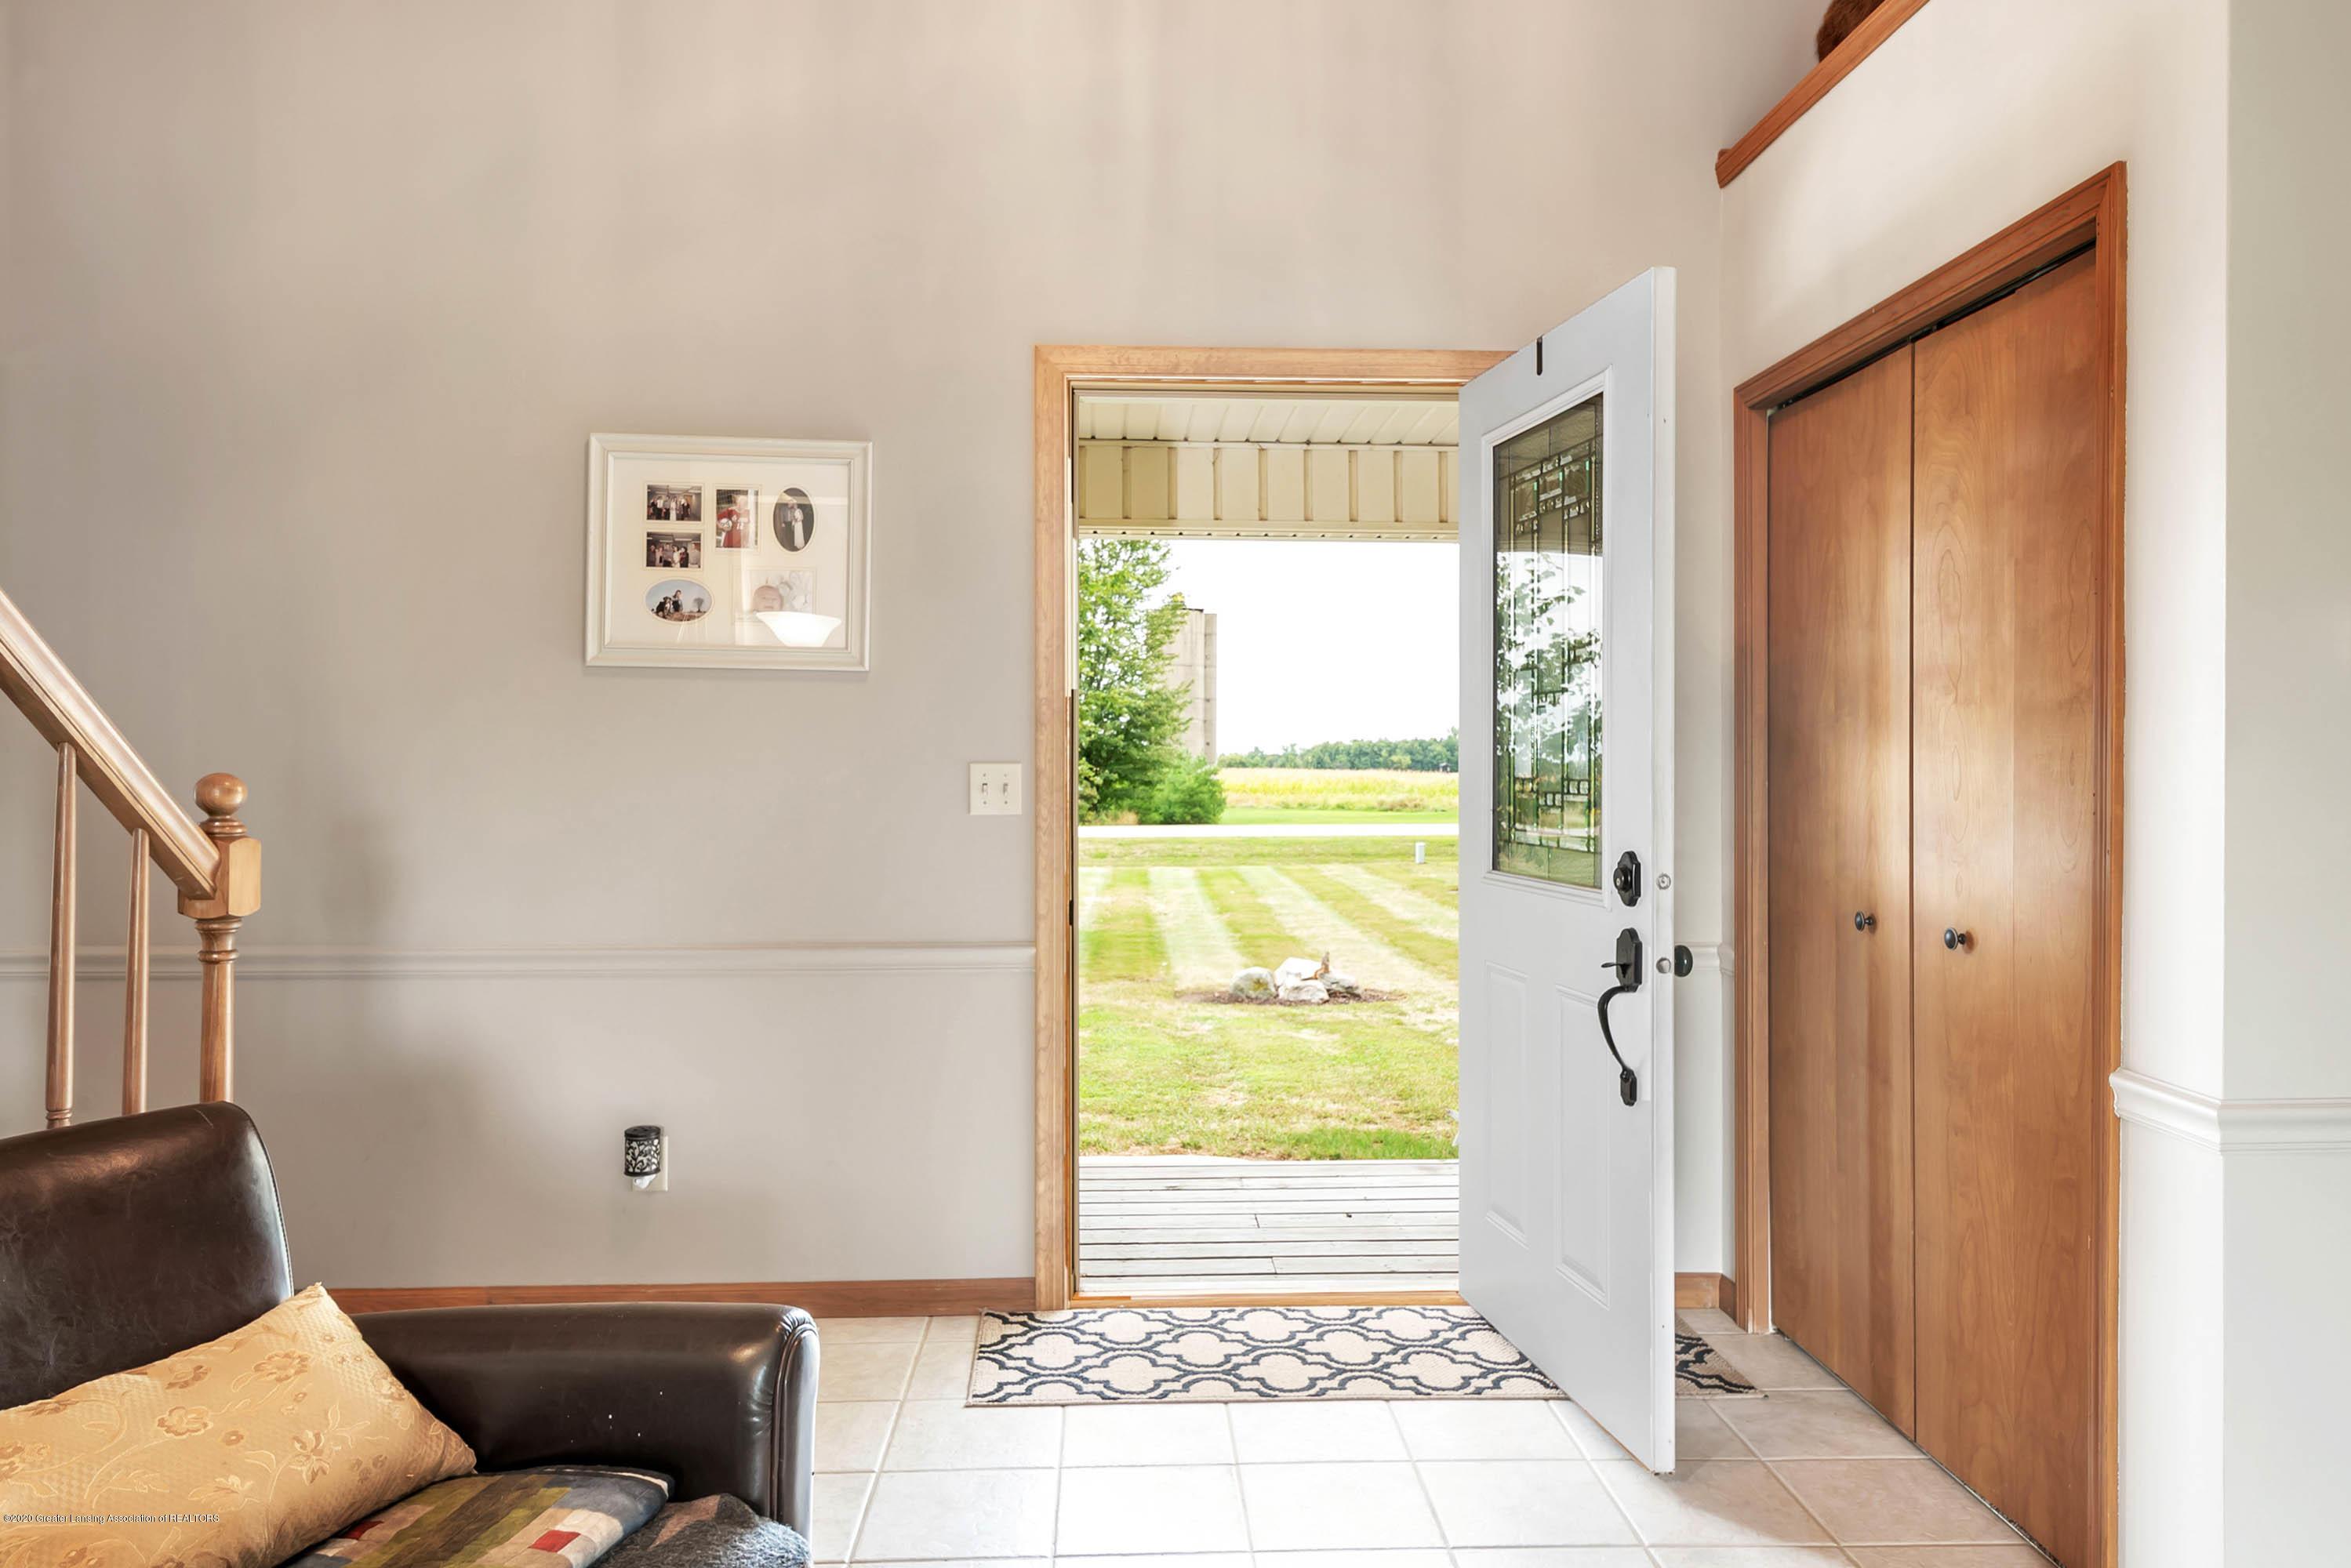 1747 E Townsend Rd - 1747 E Townsend Rd -WindowStill-Real-Est - 7